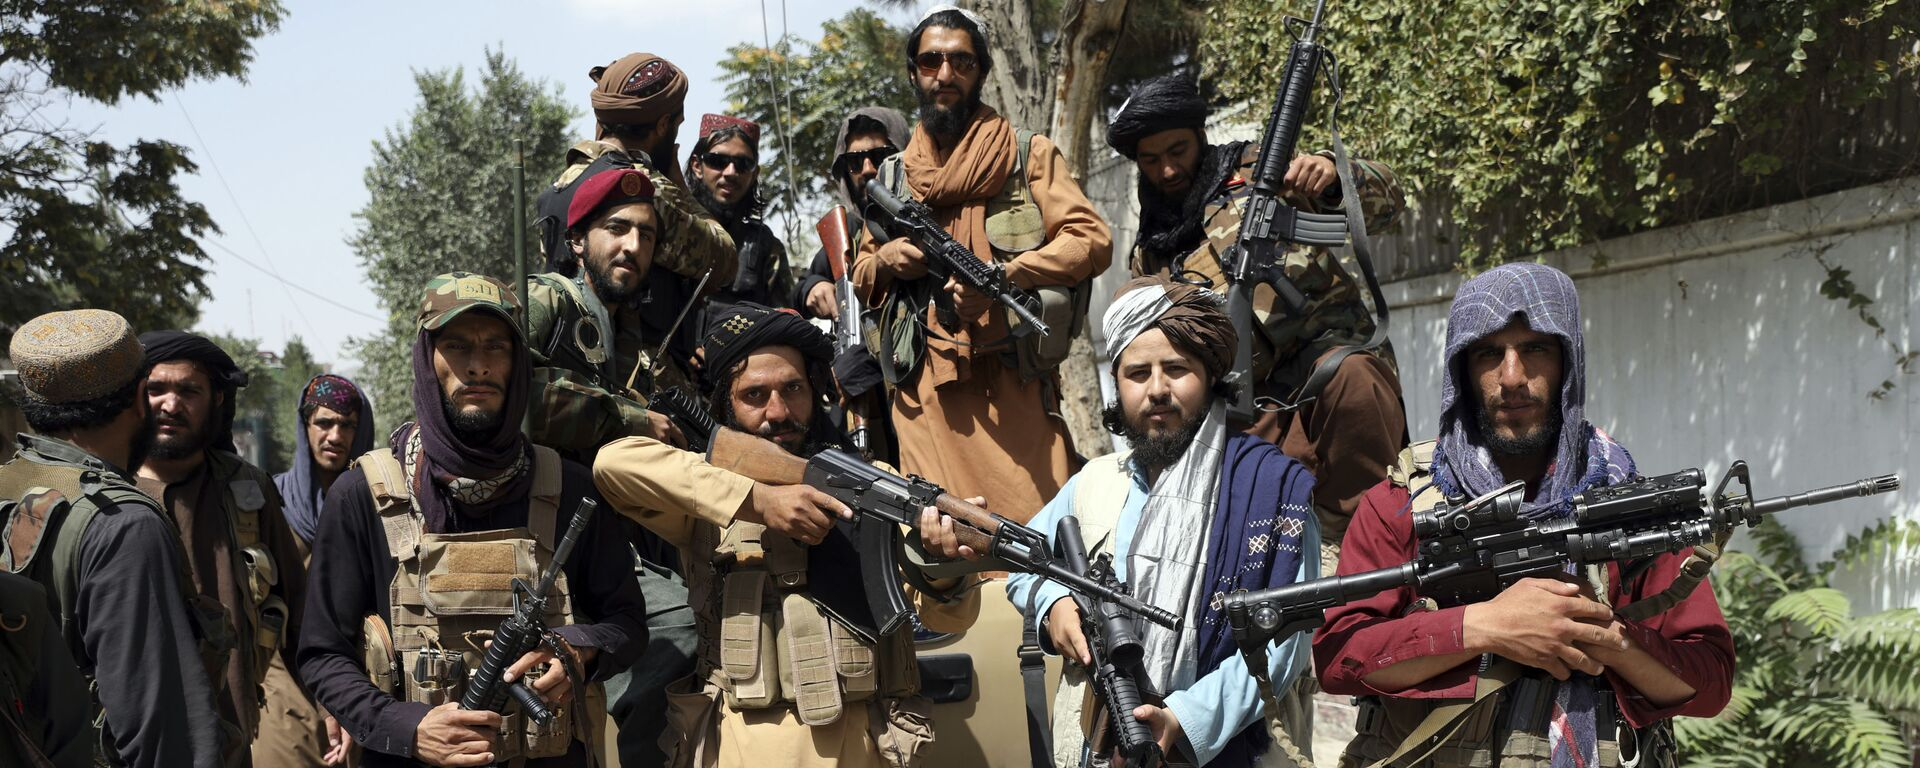 Talibánci v Afghánistánu - Sputnik Česká republika, 1920, 04.09.2021